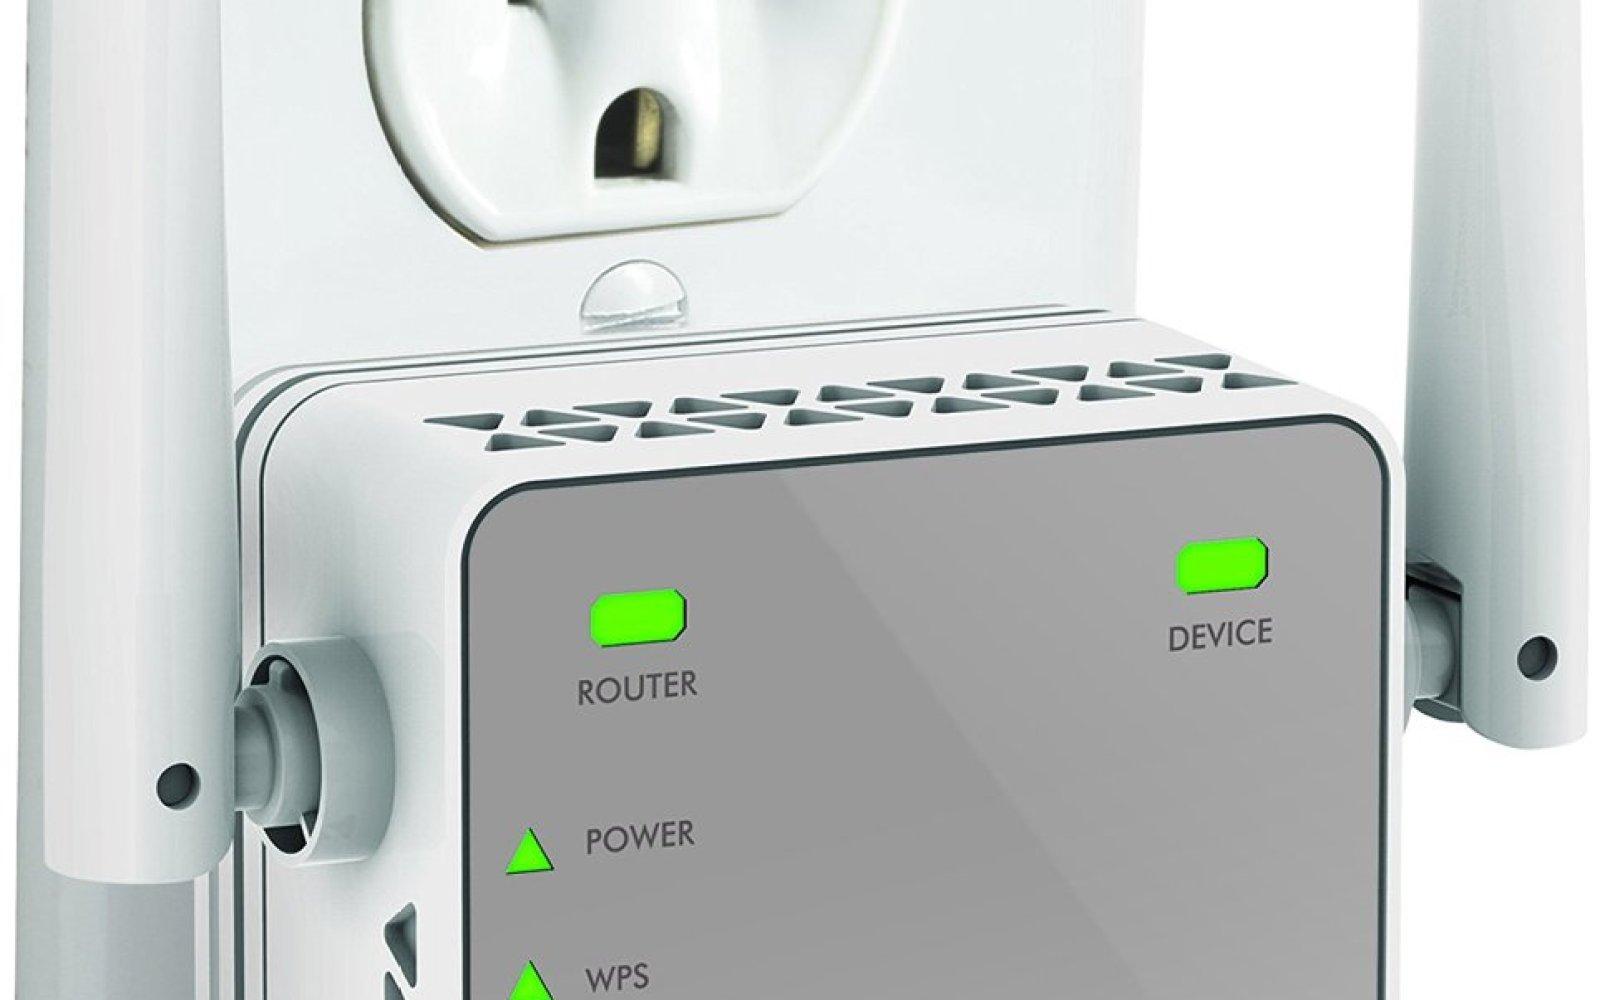 Network: Netgear's best-selling Wi-Fi extender $30 (Reg. $37), TP-LINK AV200 Powerline kit $20 (Reg. $28+)